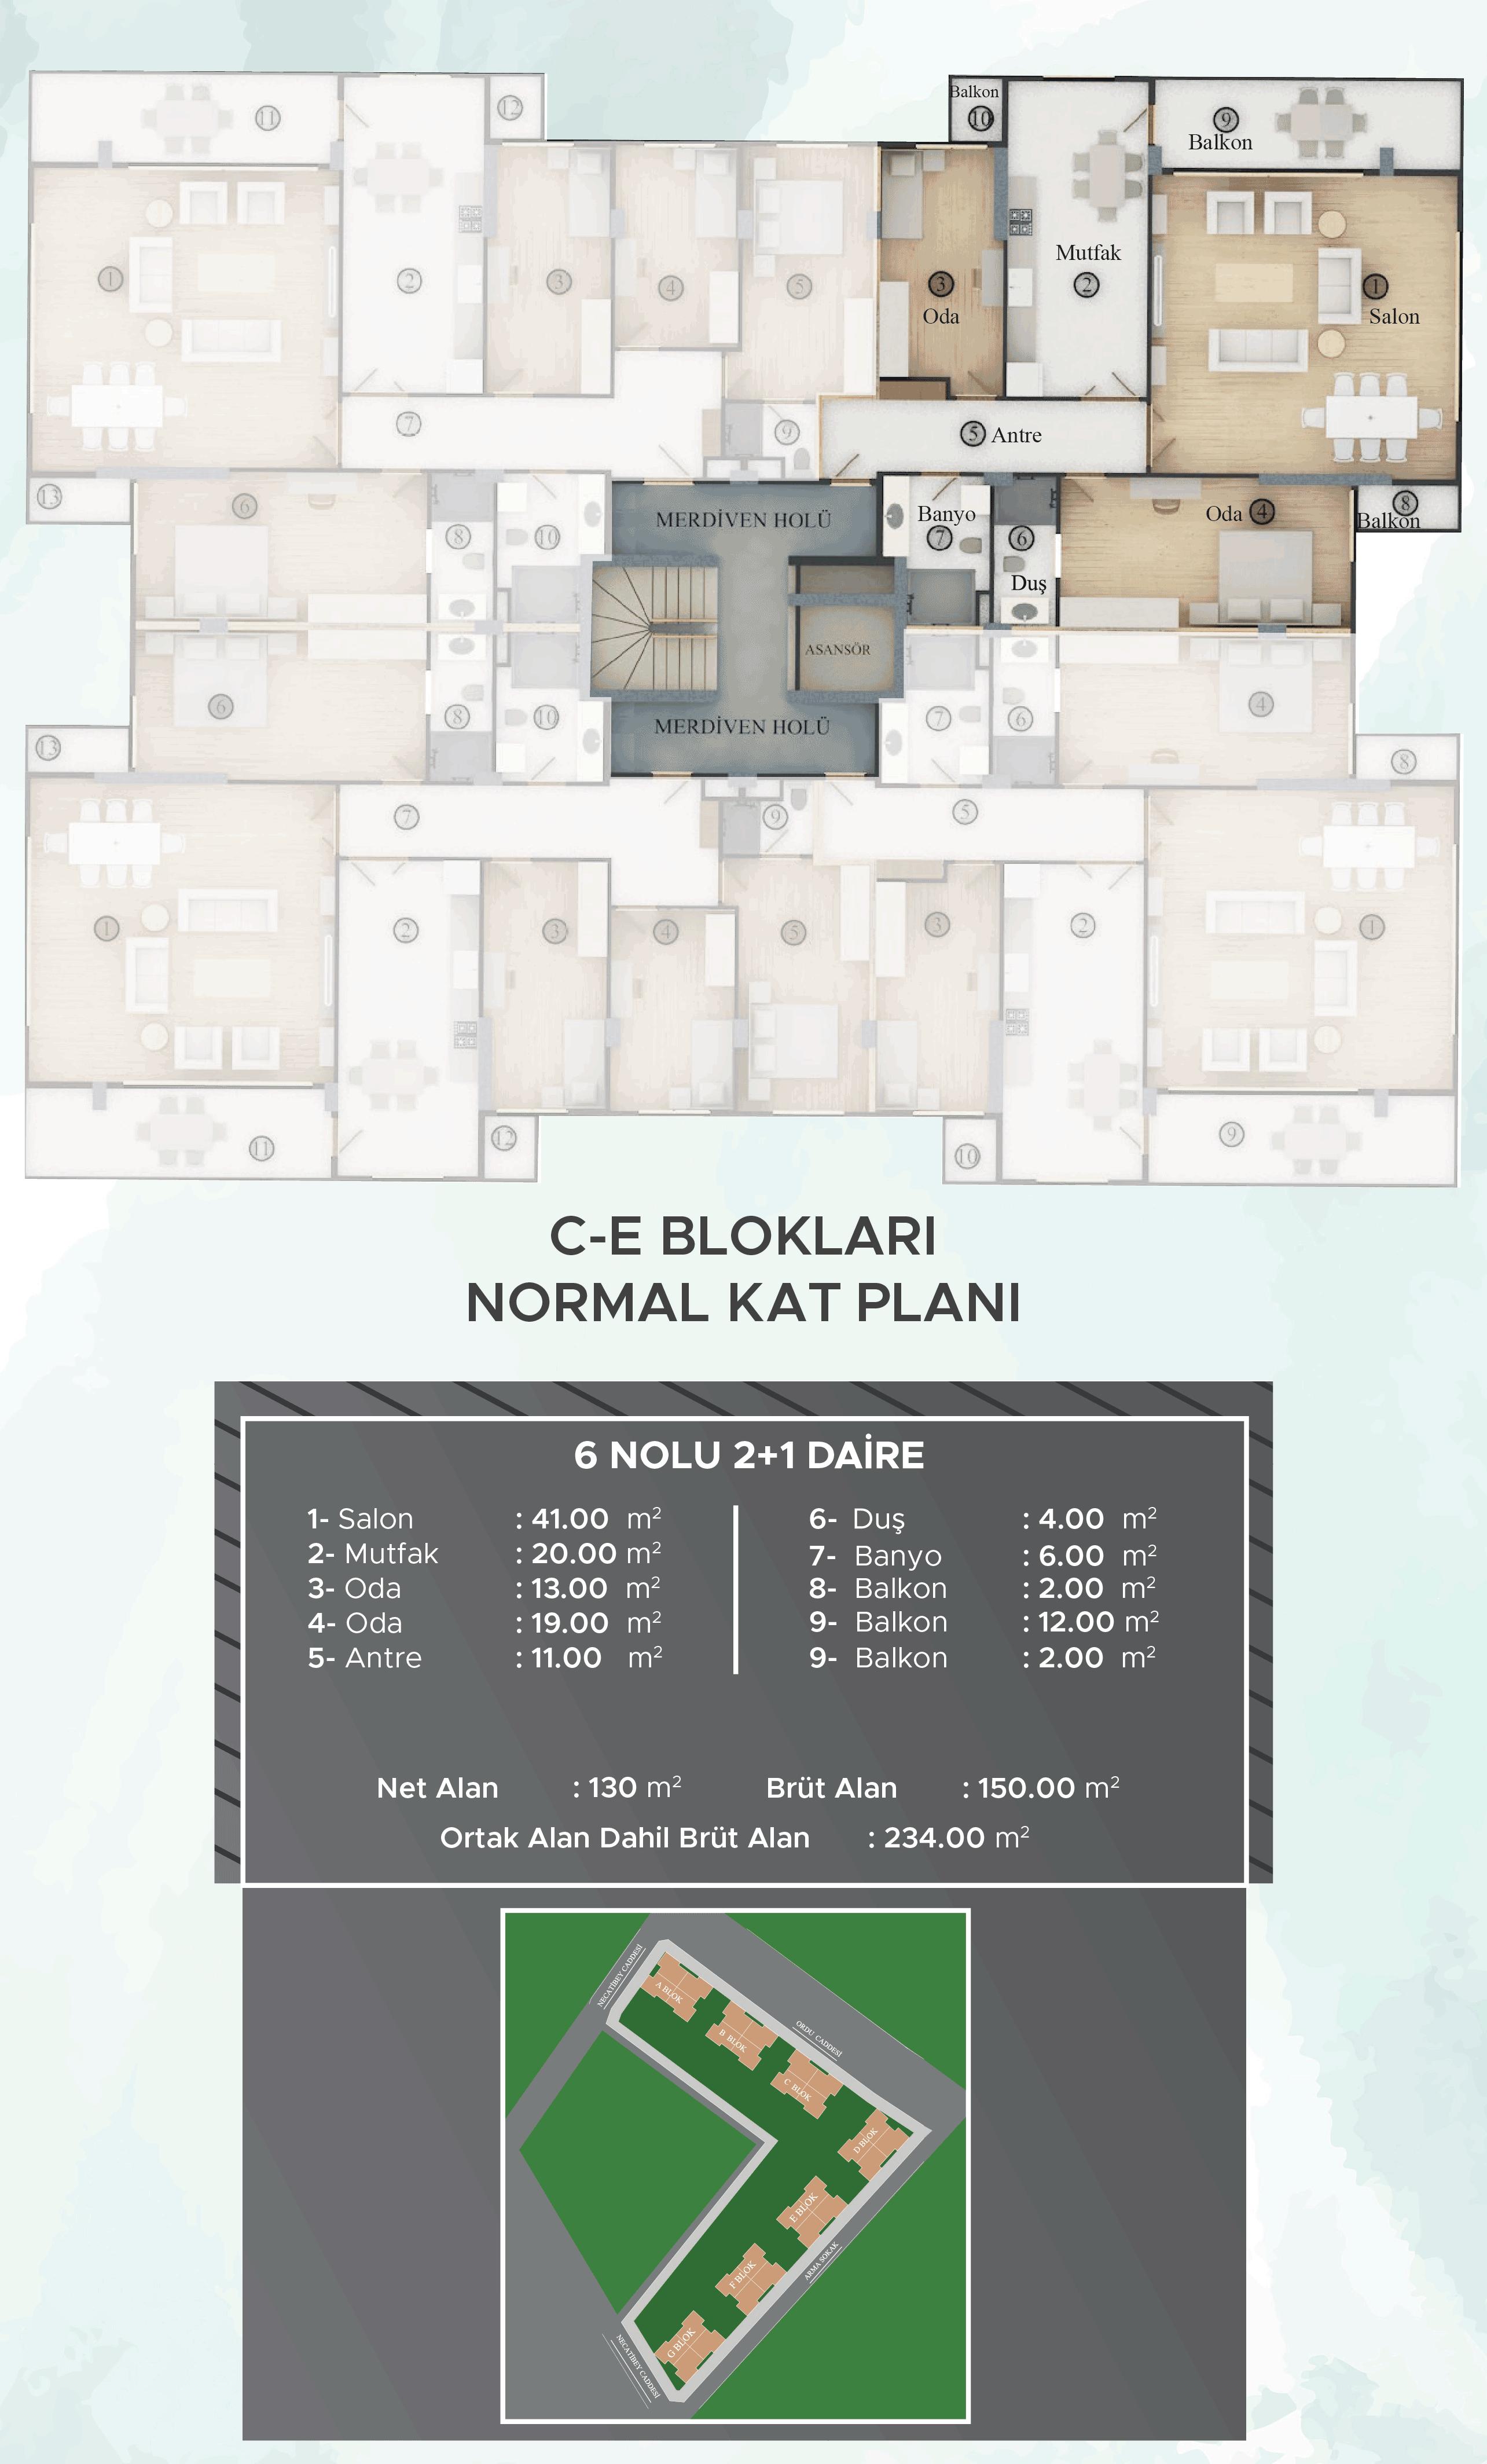 C-E Blokları Normal Kat Planları